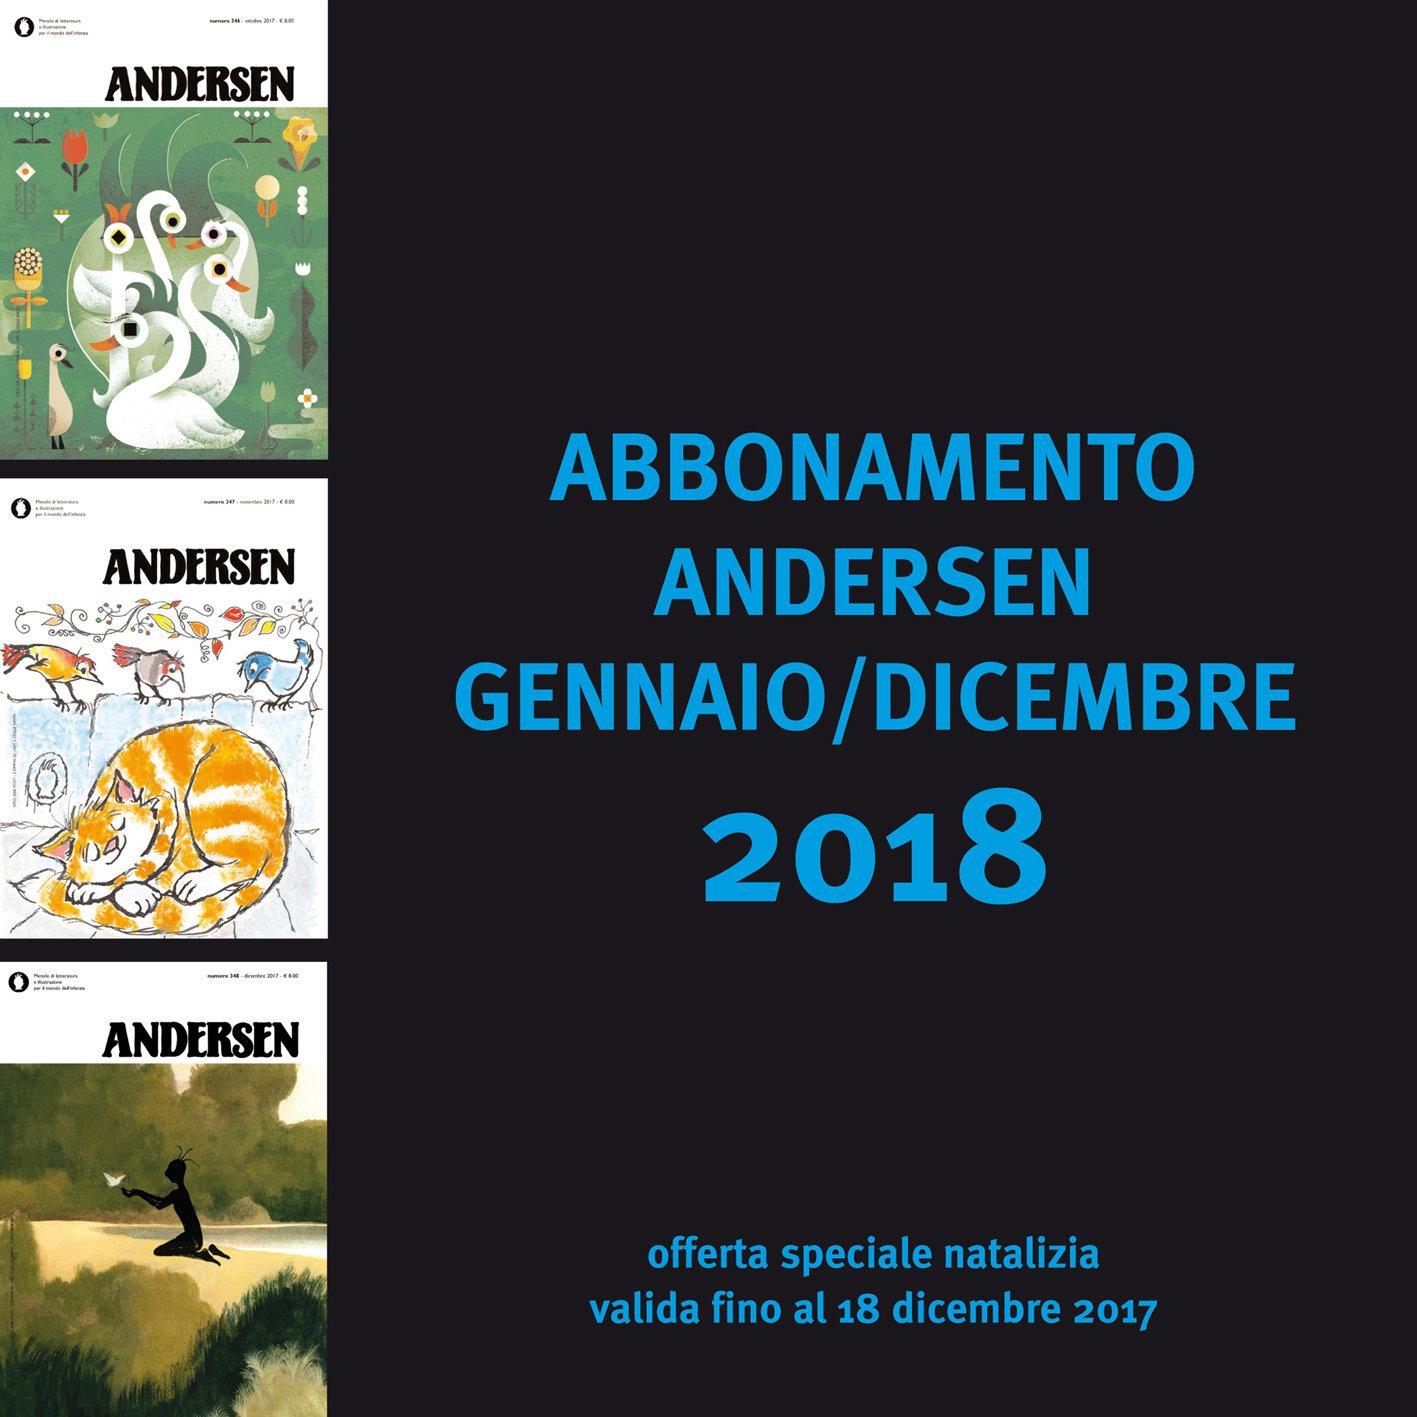 SPECIALE NATALE 2017 - 1 anno di Andersen + ultimi numeri (ITALIA) 000000